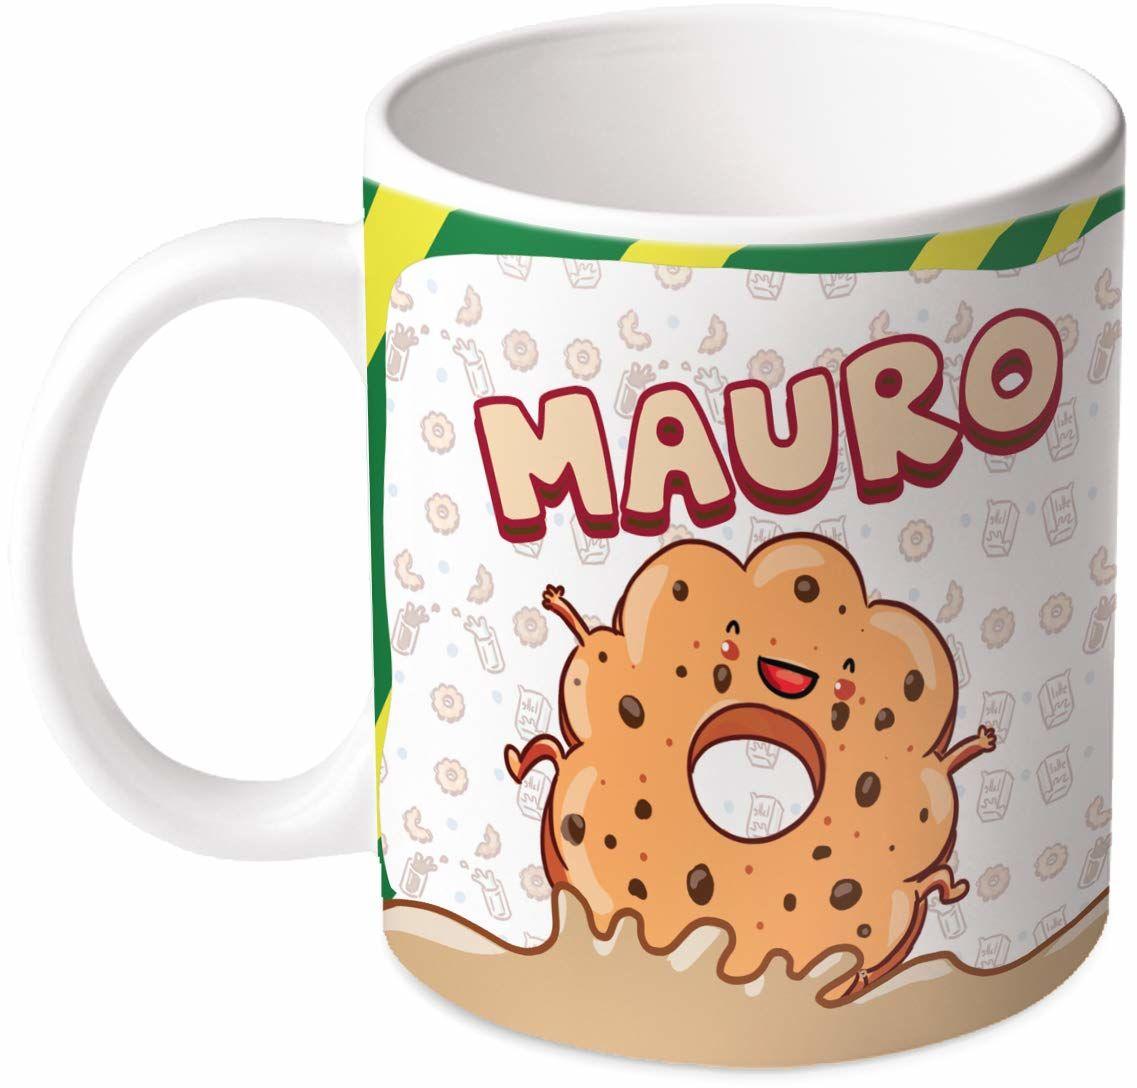 M.M. Group Filiżanka z imieniem i znaczeniem Mauro, 30 ml, ceramika, wielokolorowa